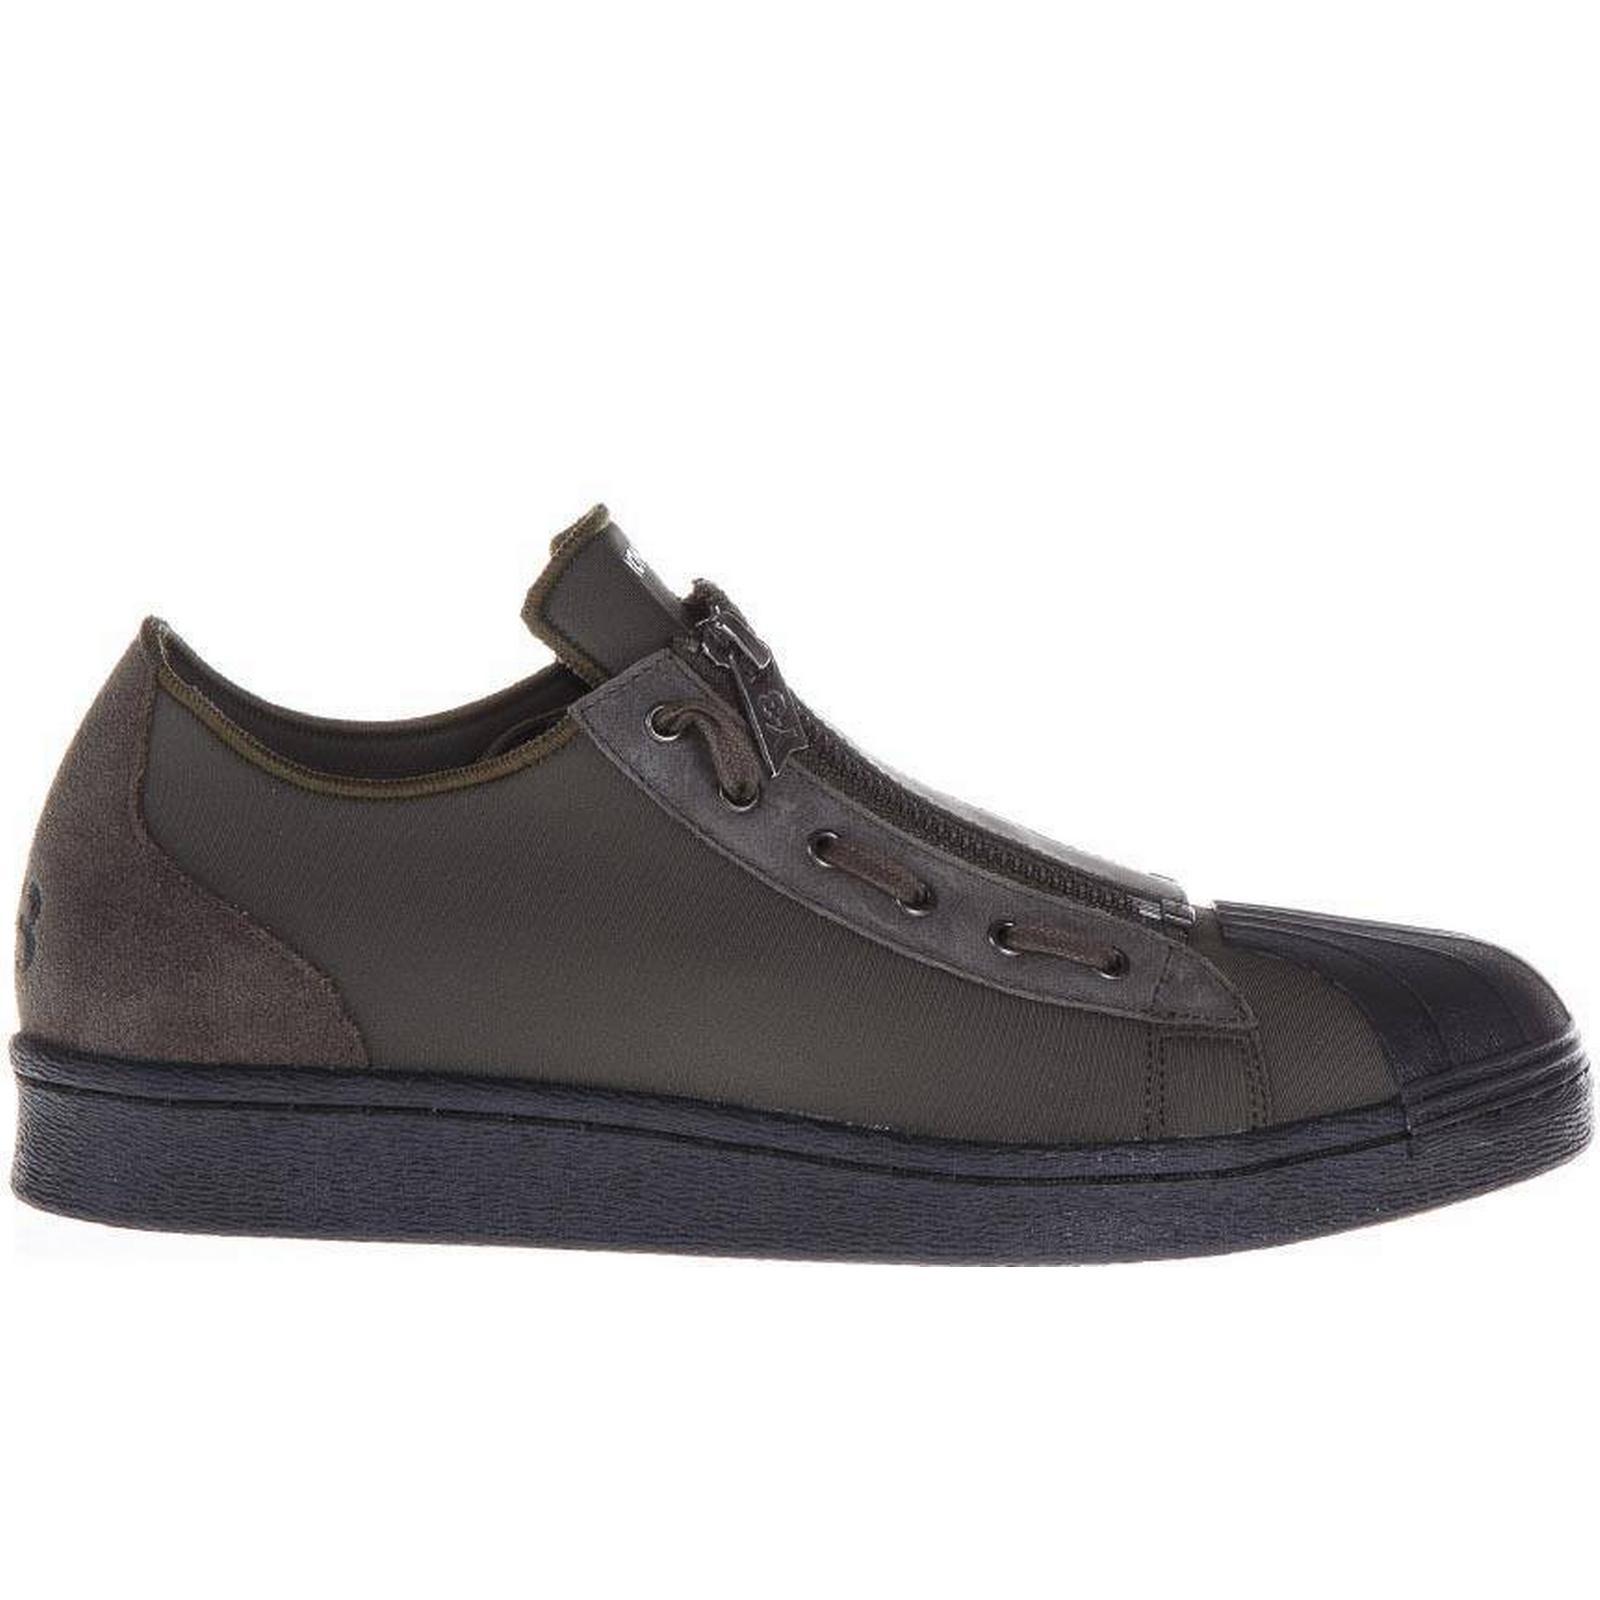 Y-3 Super Zip White Sneakers Sneakers Sneakers 510995